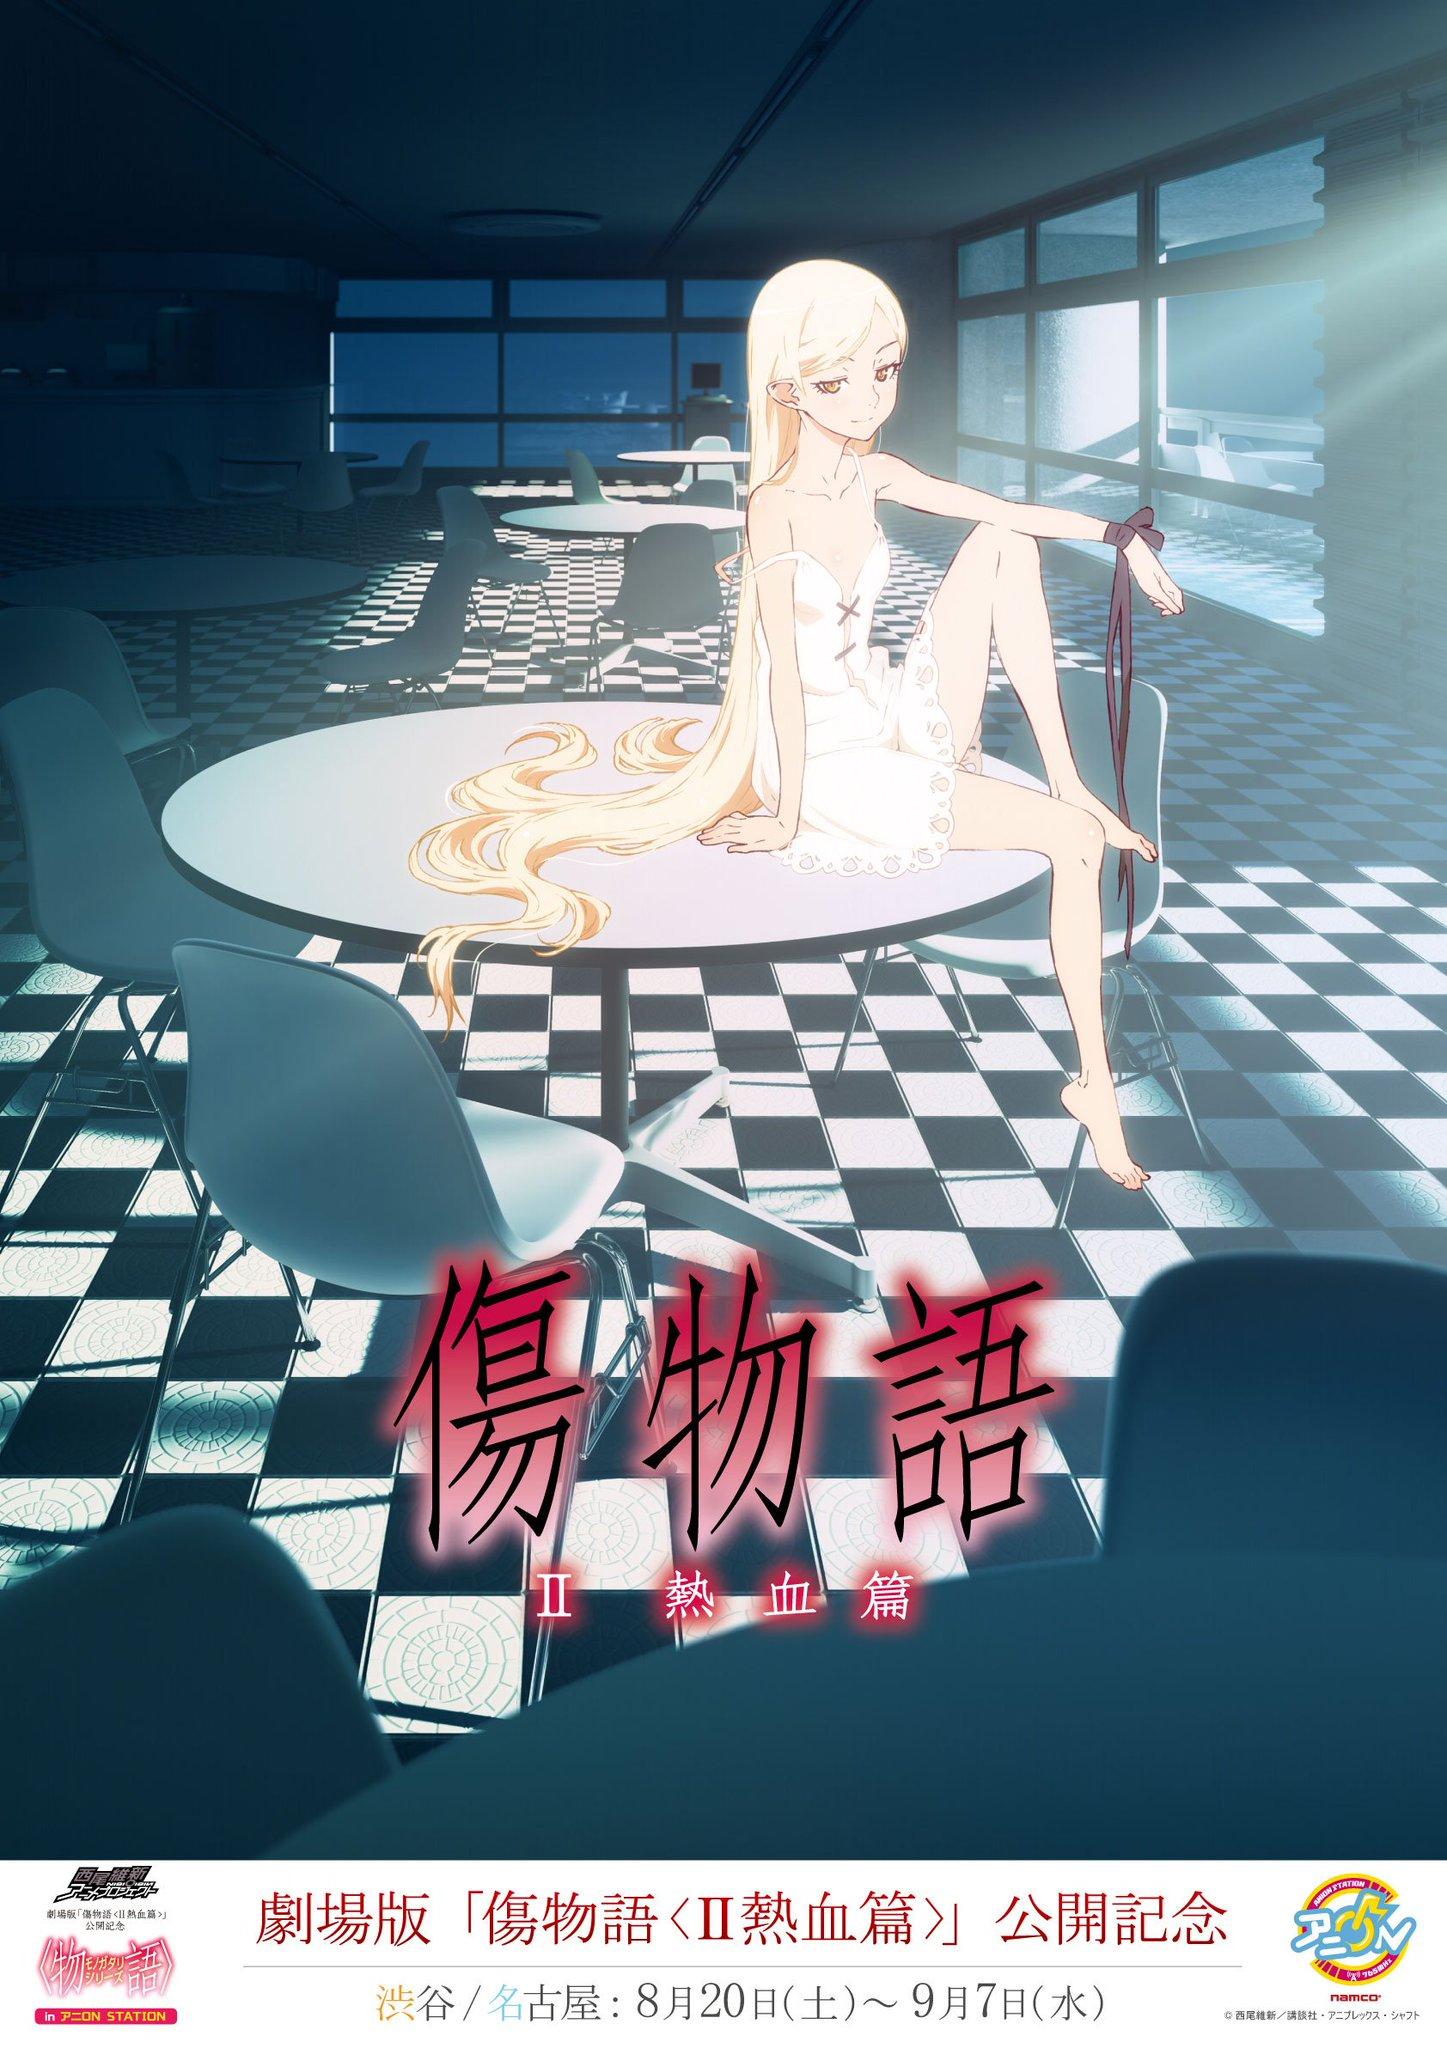 SFから青春、群像劇まで!ラノベアニメのオススメ作品10選